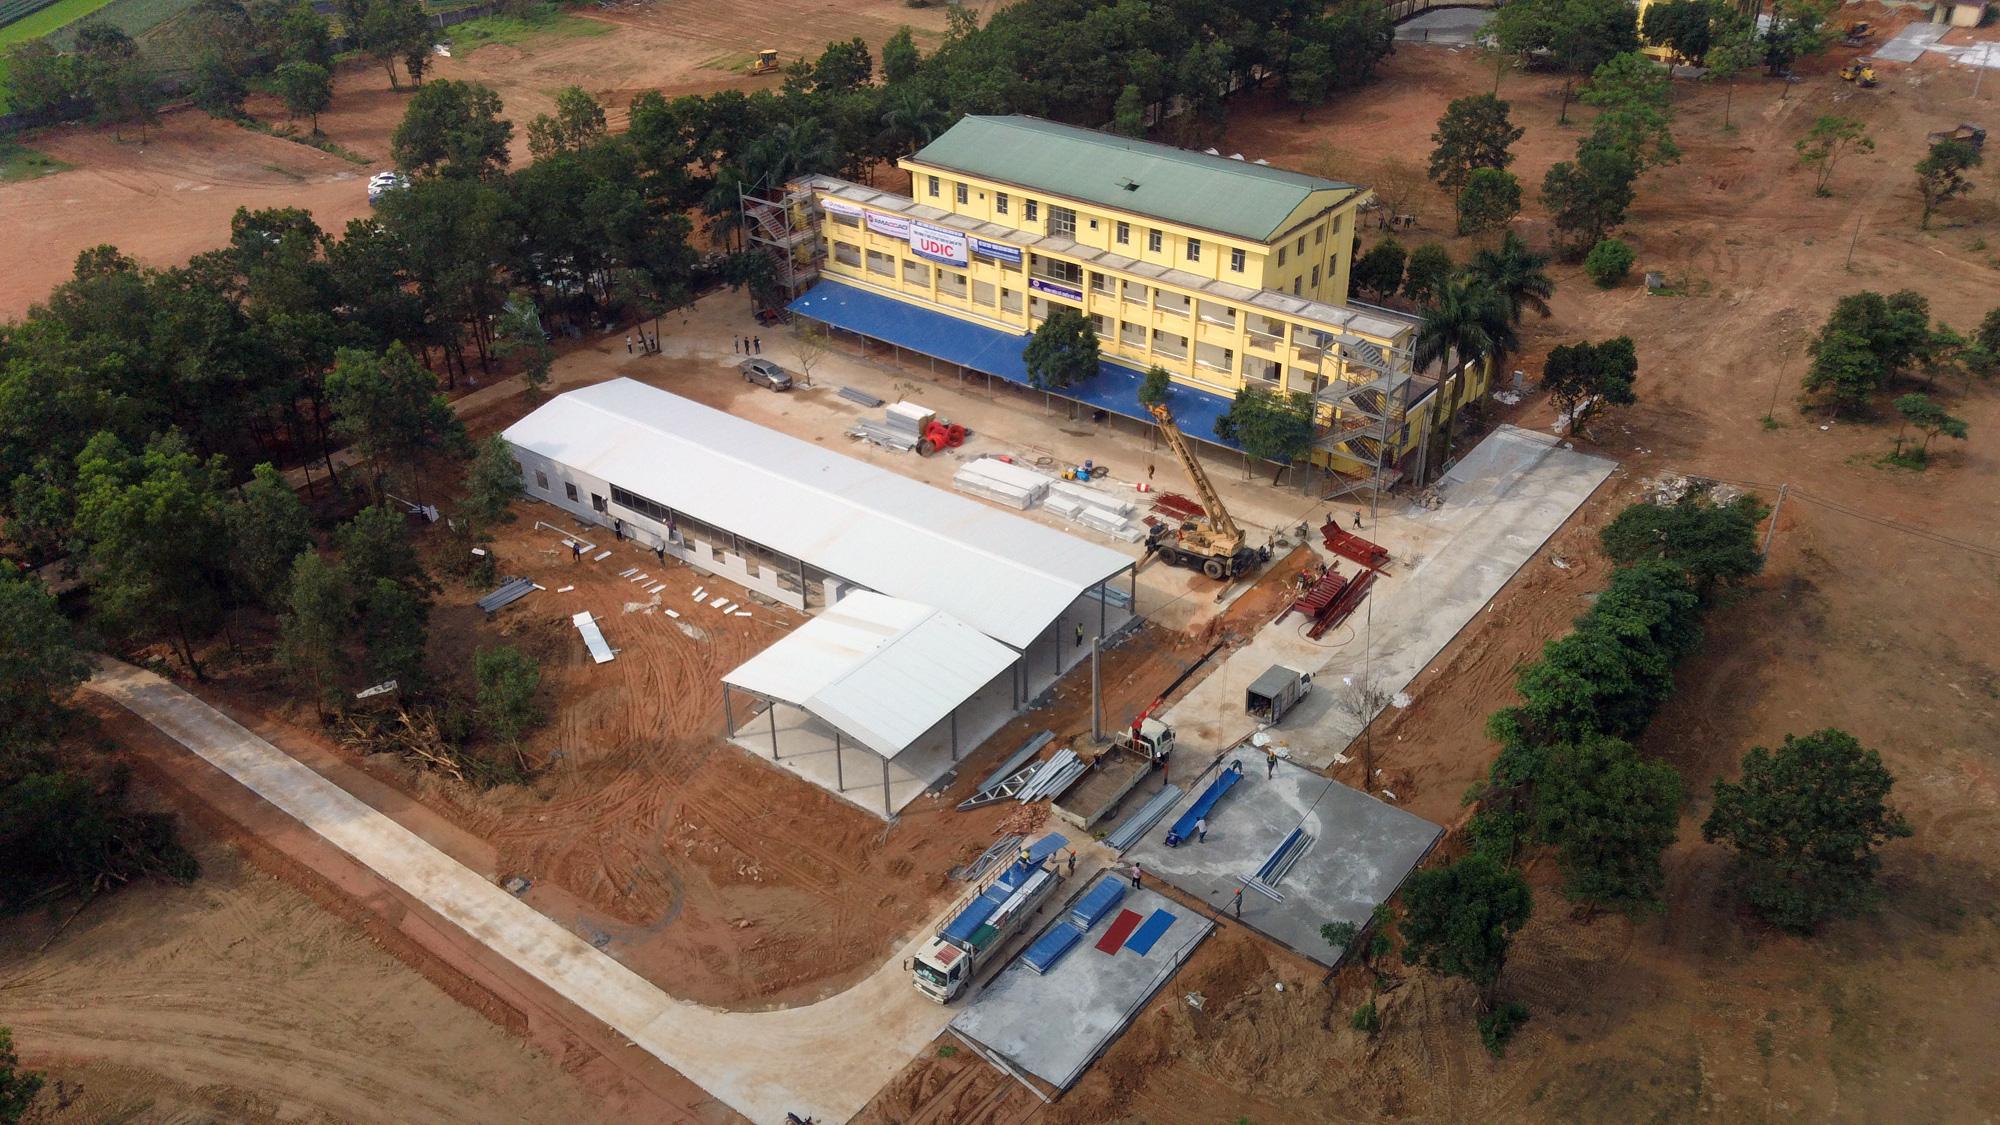 Hà Nội sửa xong bệnh viện bỏ hoang ở Mê Linh làm khu cách li chống dịch Covid-19 - Ảnh 3.